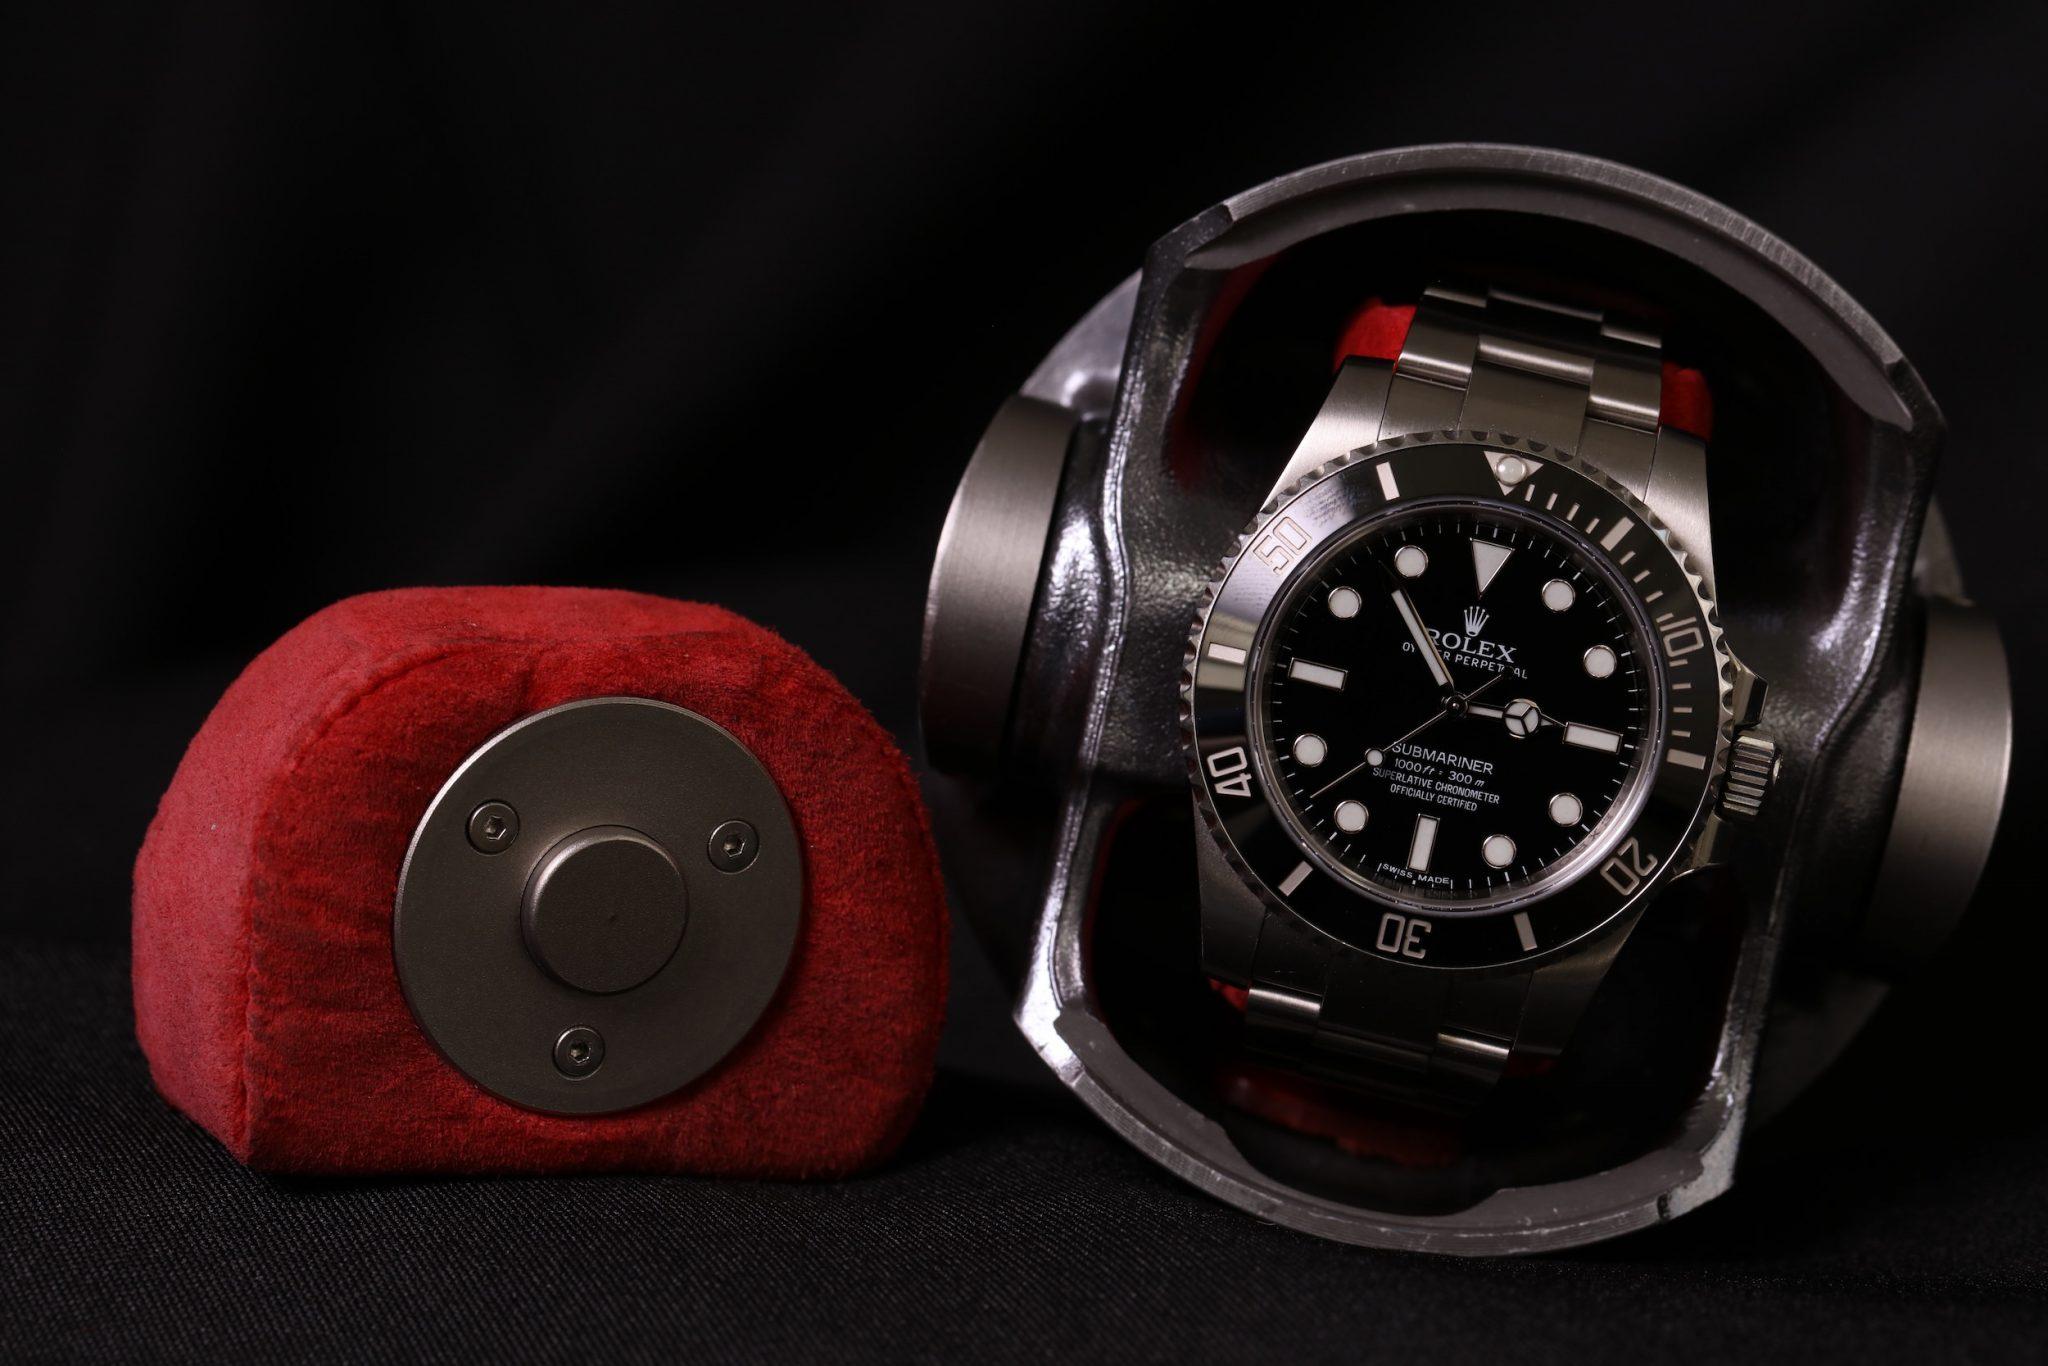 Vulcan Innova VI52 Watch Winder 3 - Vulcan Innova VI52 Watch Winder